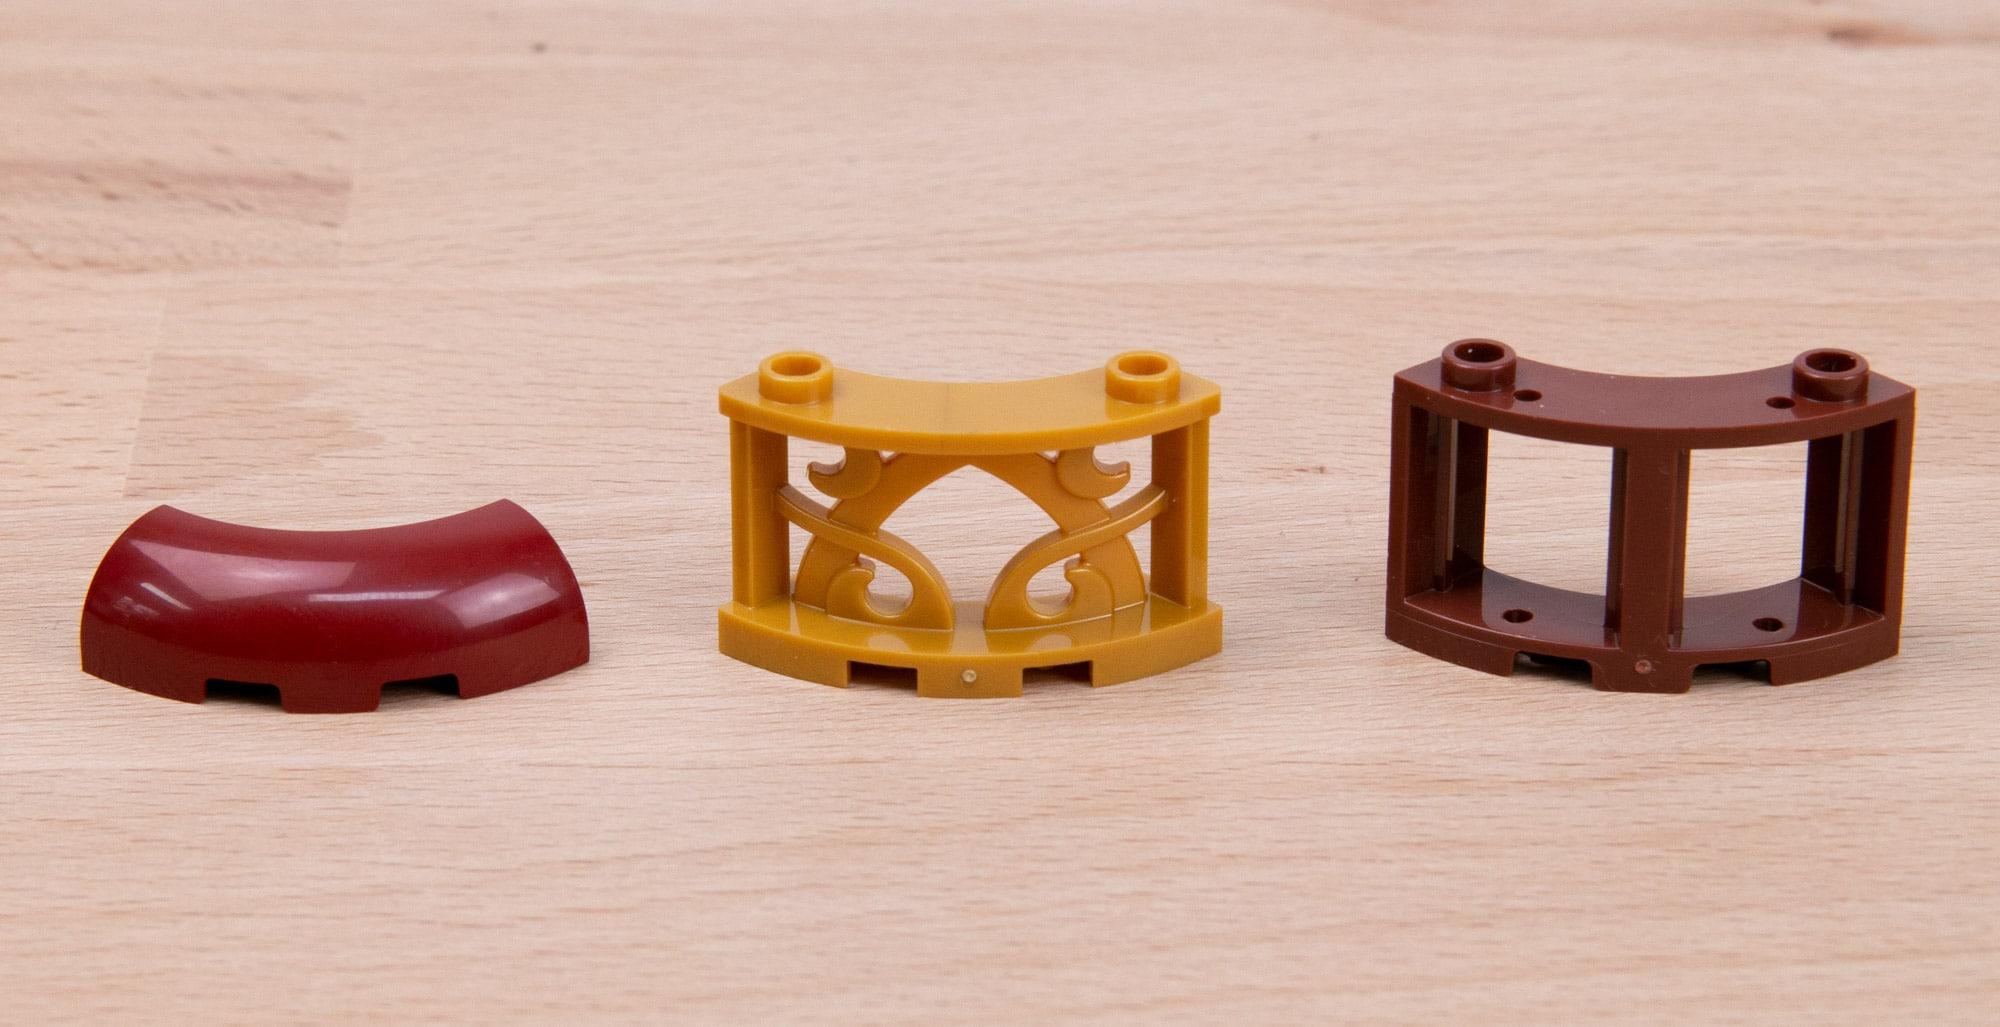 LEGO 3x3 Viertelrund 2